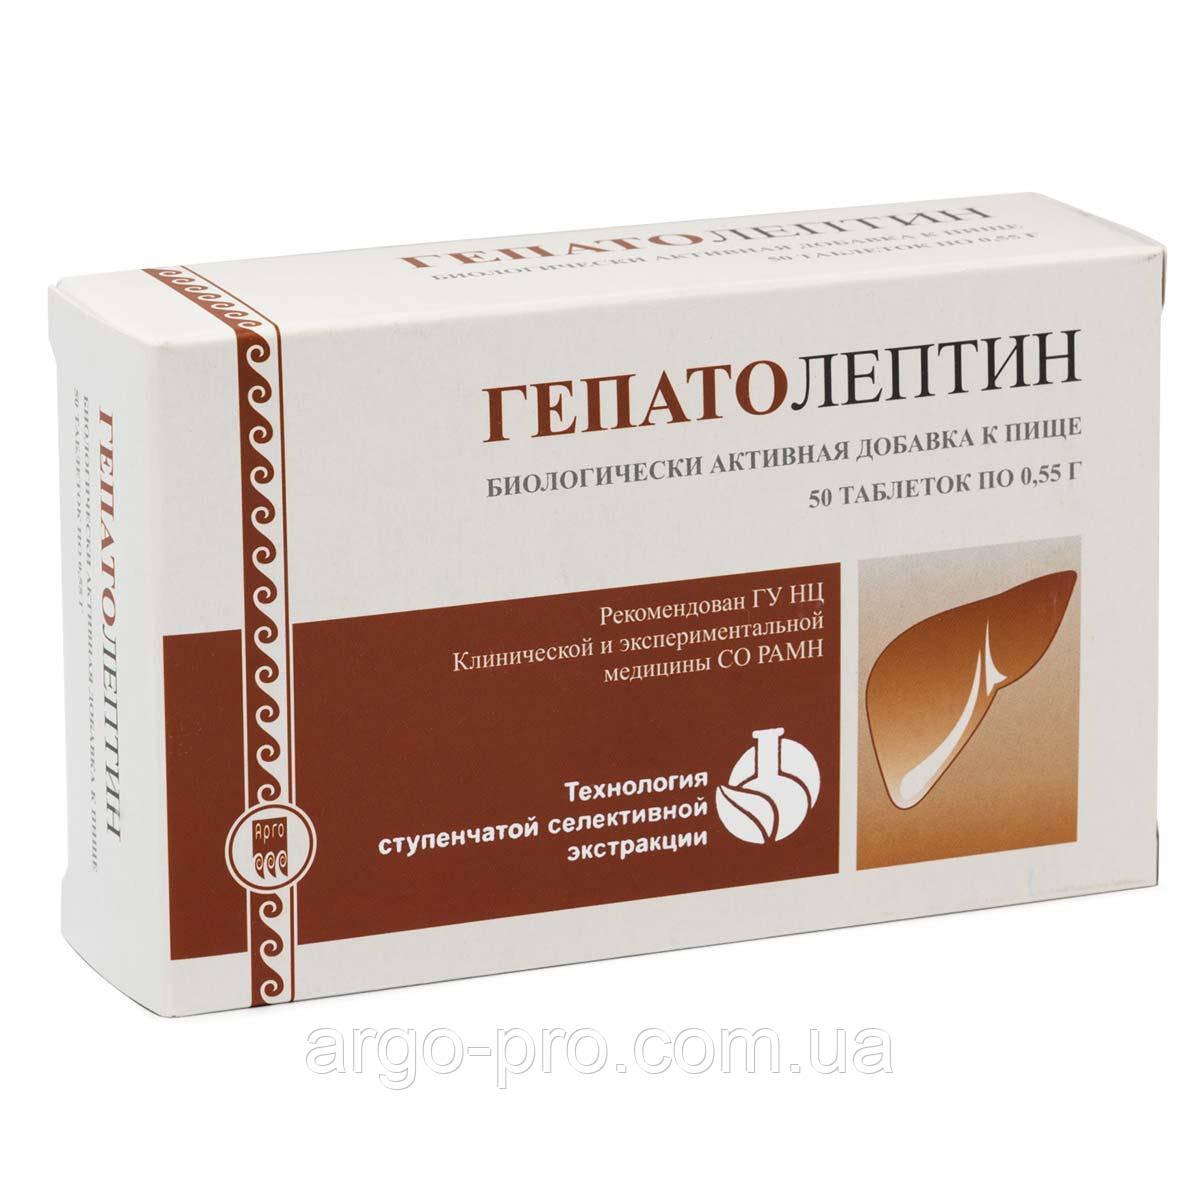 Гепатолептин Арго (відновлення, захист печінки, холецистит, жовчогінний, гепатопротектор, імунітет)